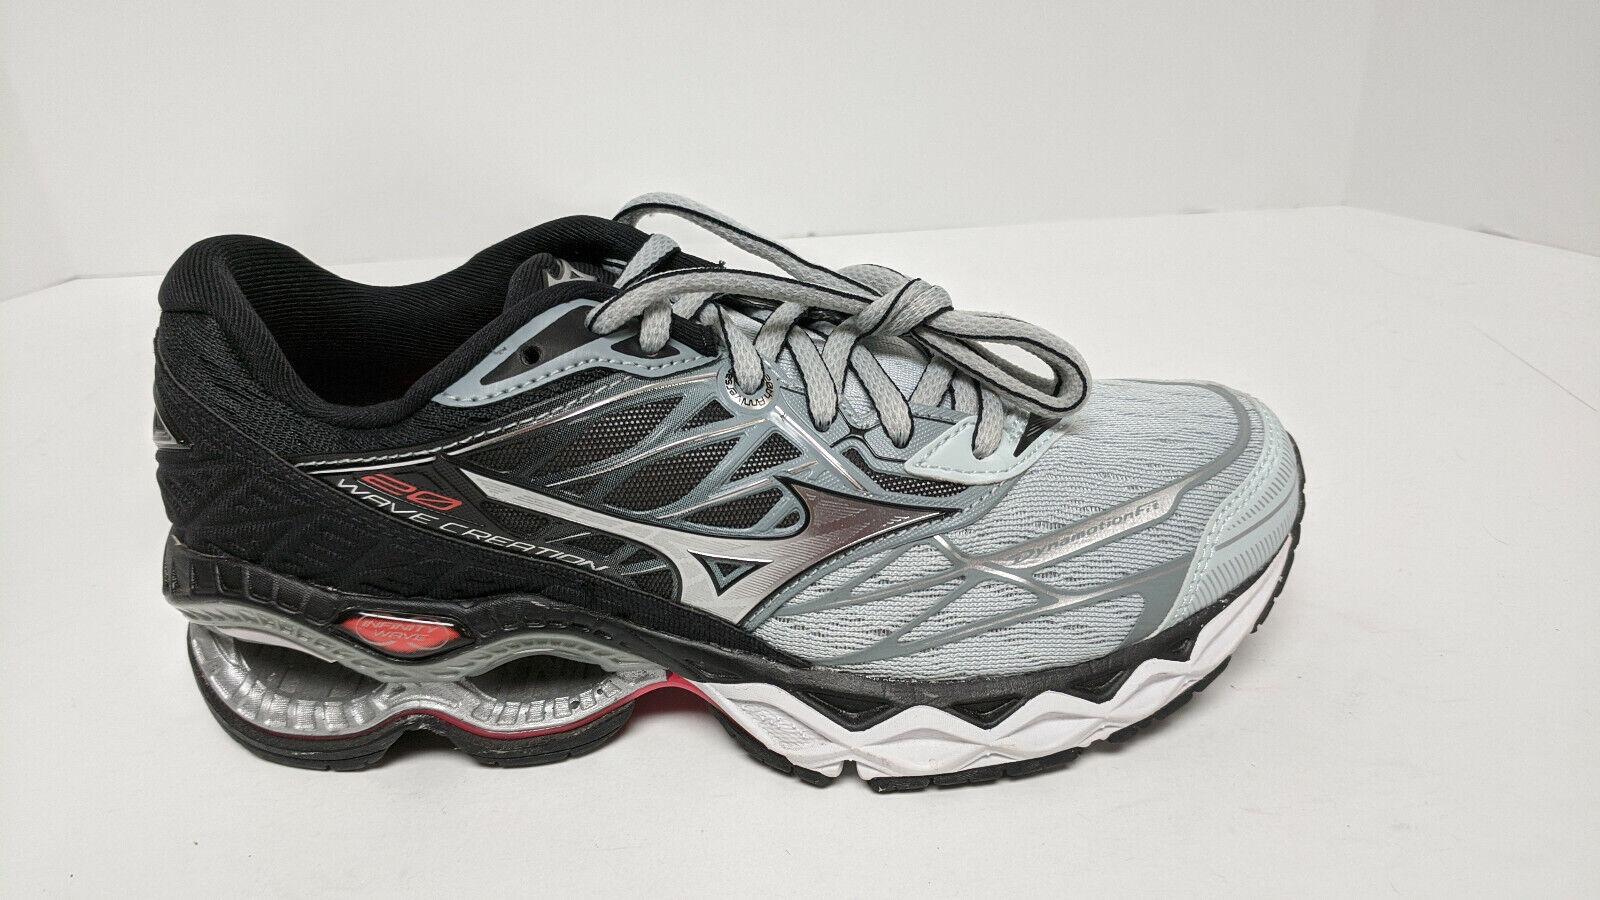 Mizuno Wave Creation 20 Chaussures De Course, gris/noir, femme 6 m